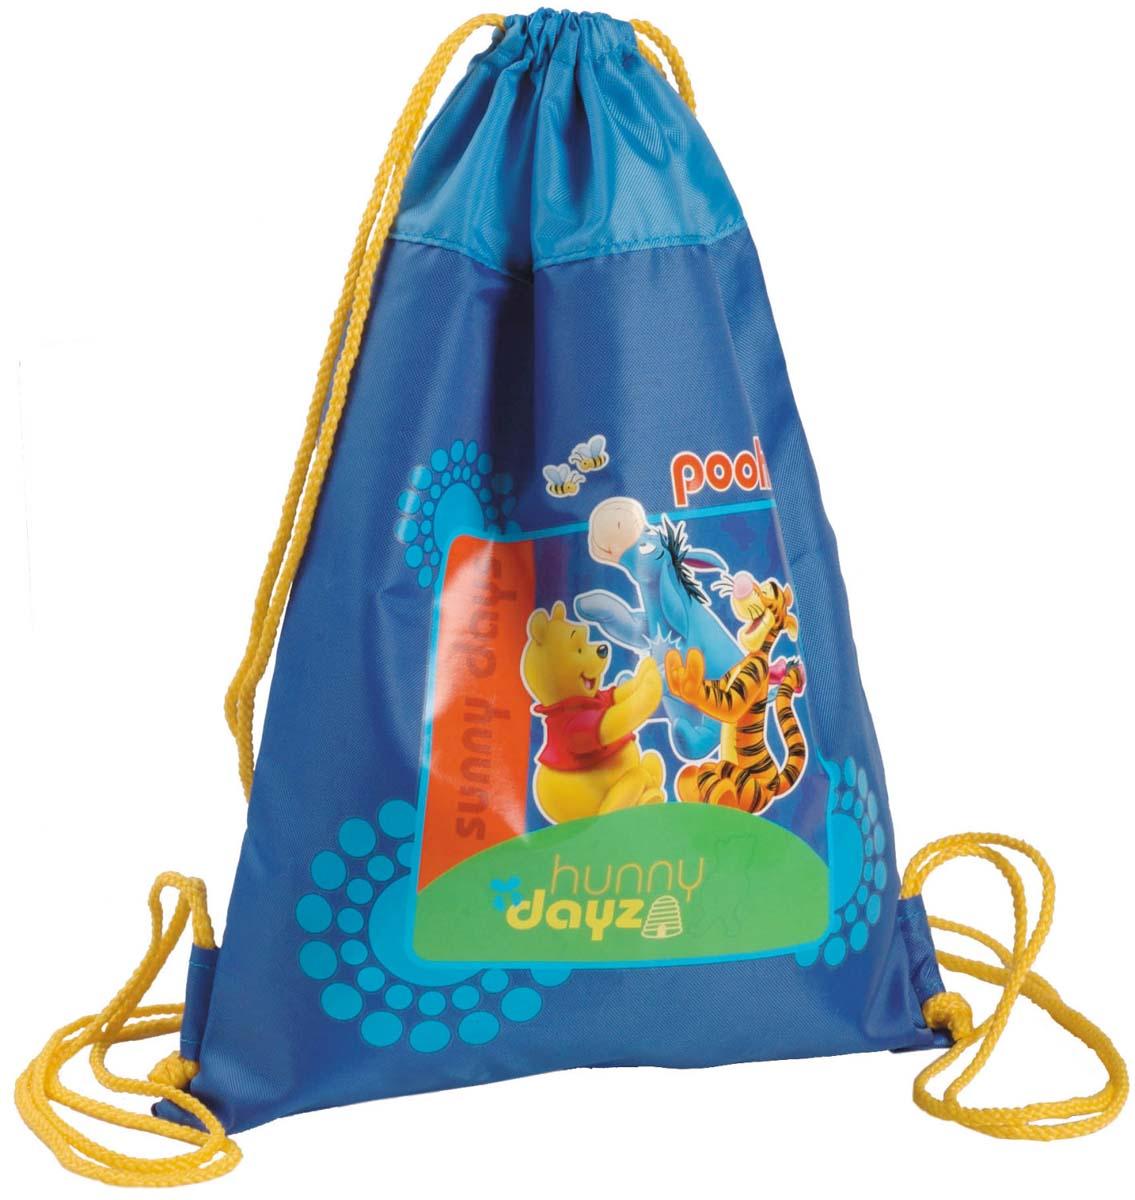 Disney Сумка для сменной обуви Winnie Sky disney disney школьной зрачки девушка 3 4 6 сортов отдыха и путешествия плеча сумка 0168 розовых детского рюкзак